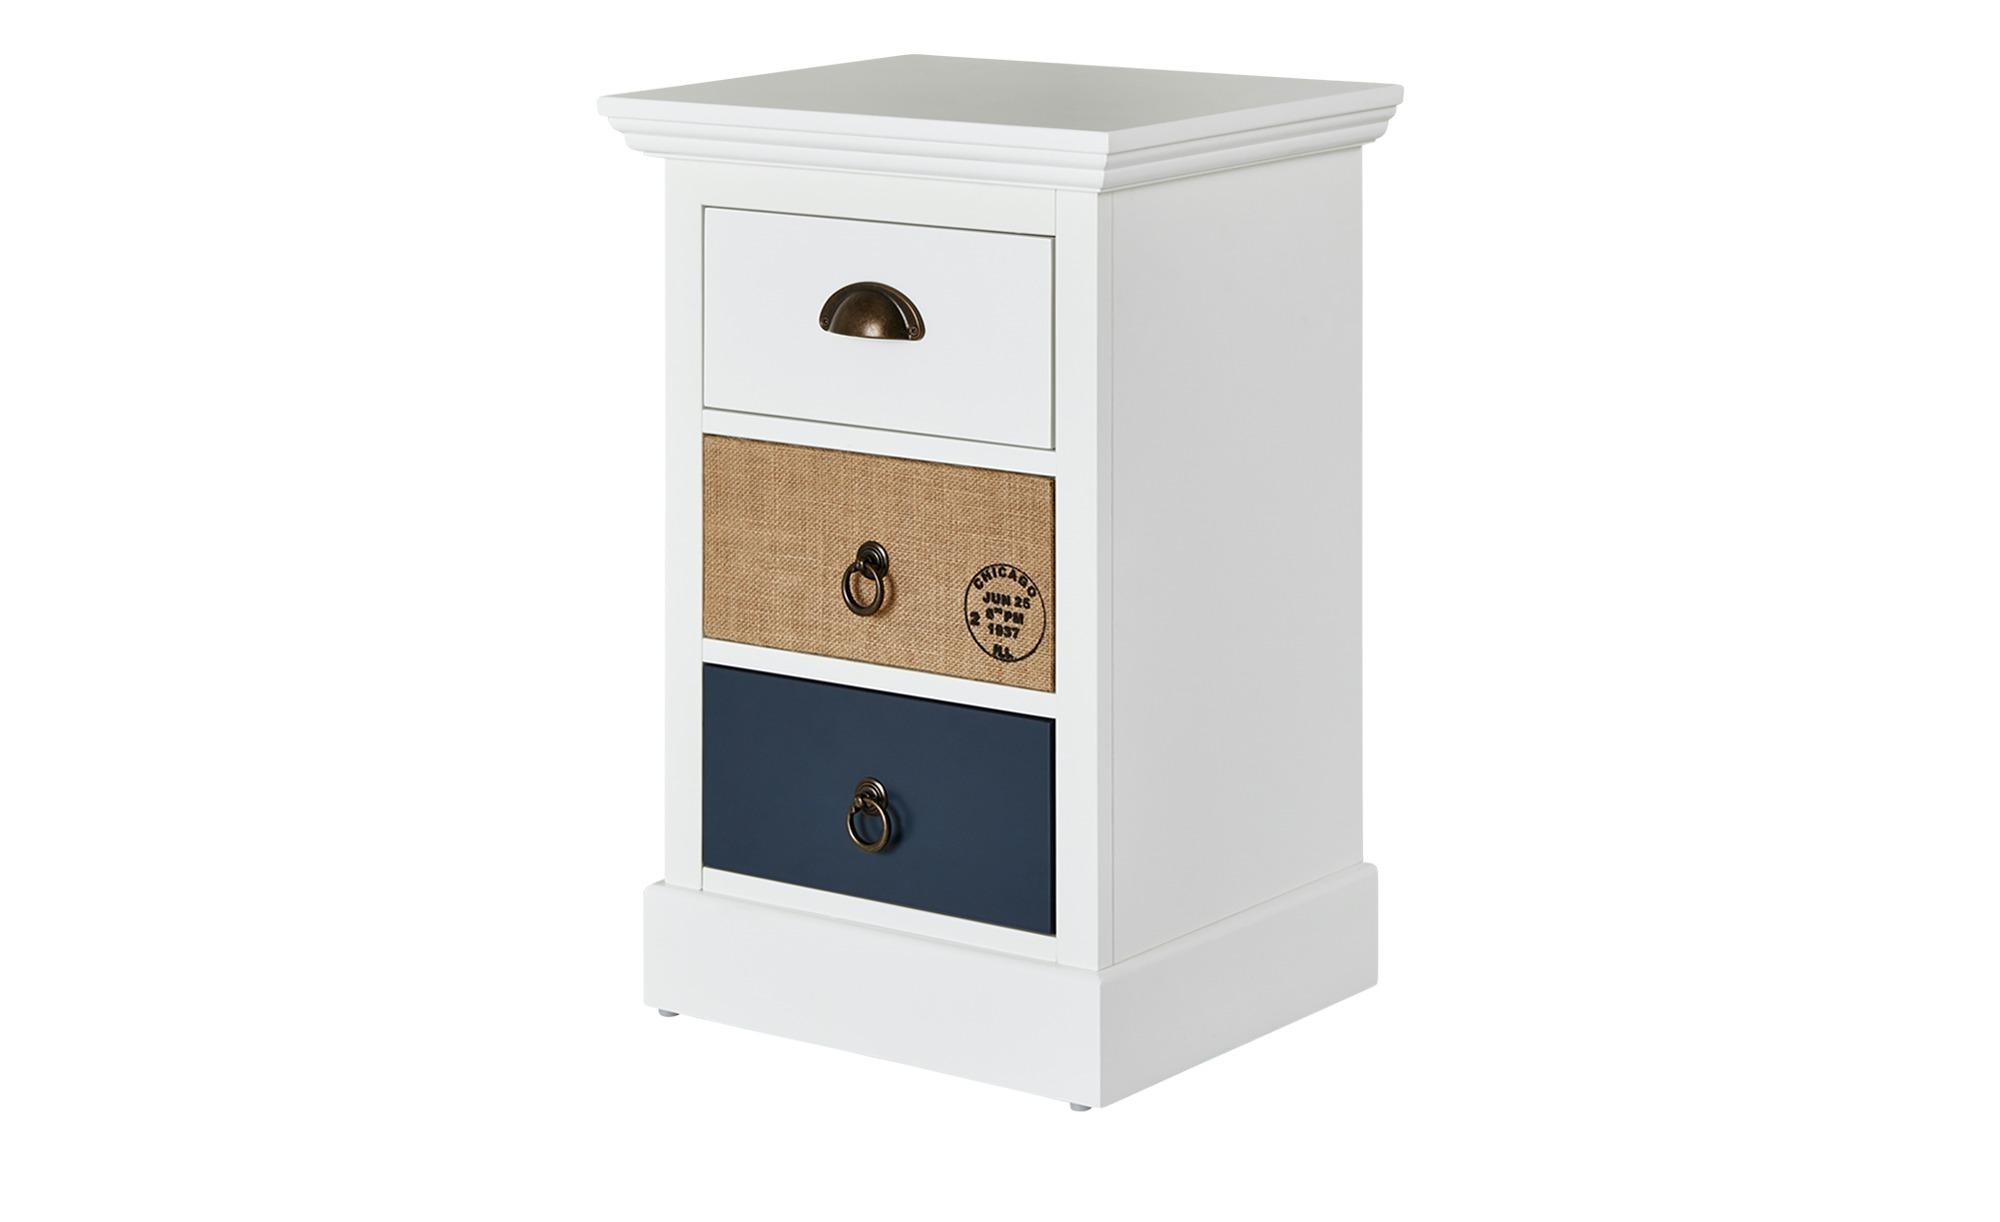 kommode neapel breite 40 cm h he 61 cm wei online kaufen bei woonio. Black Bedroom Furniture Sets. Home Design Ideas